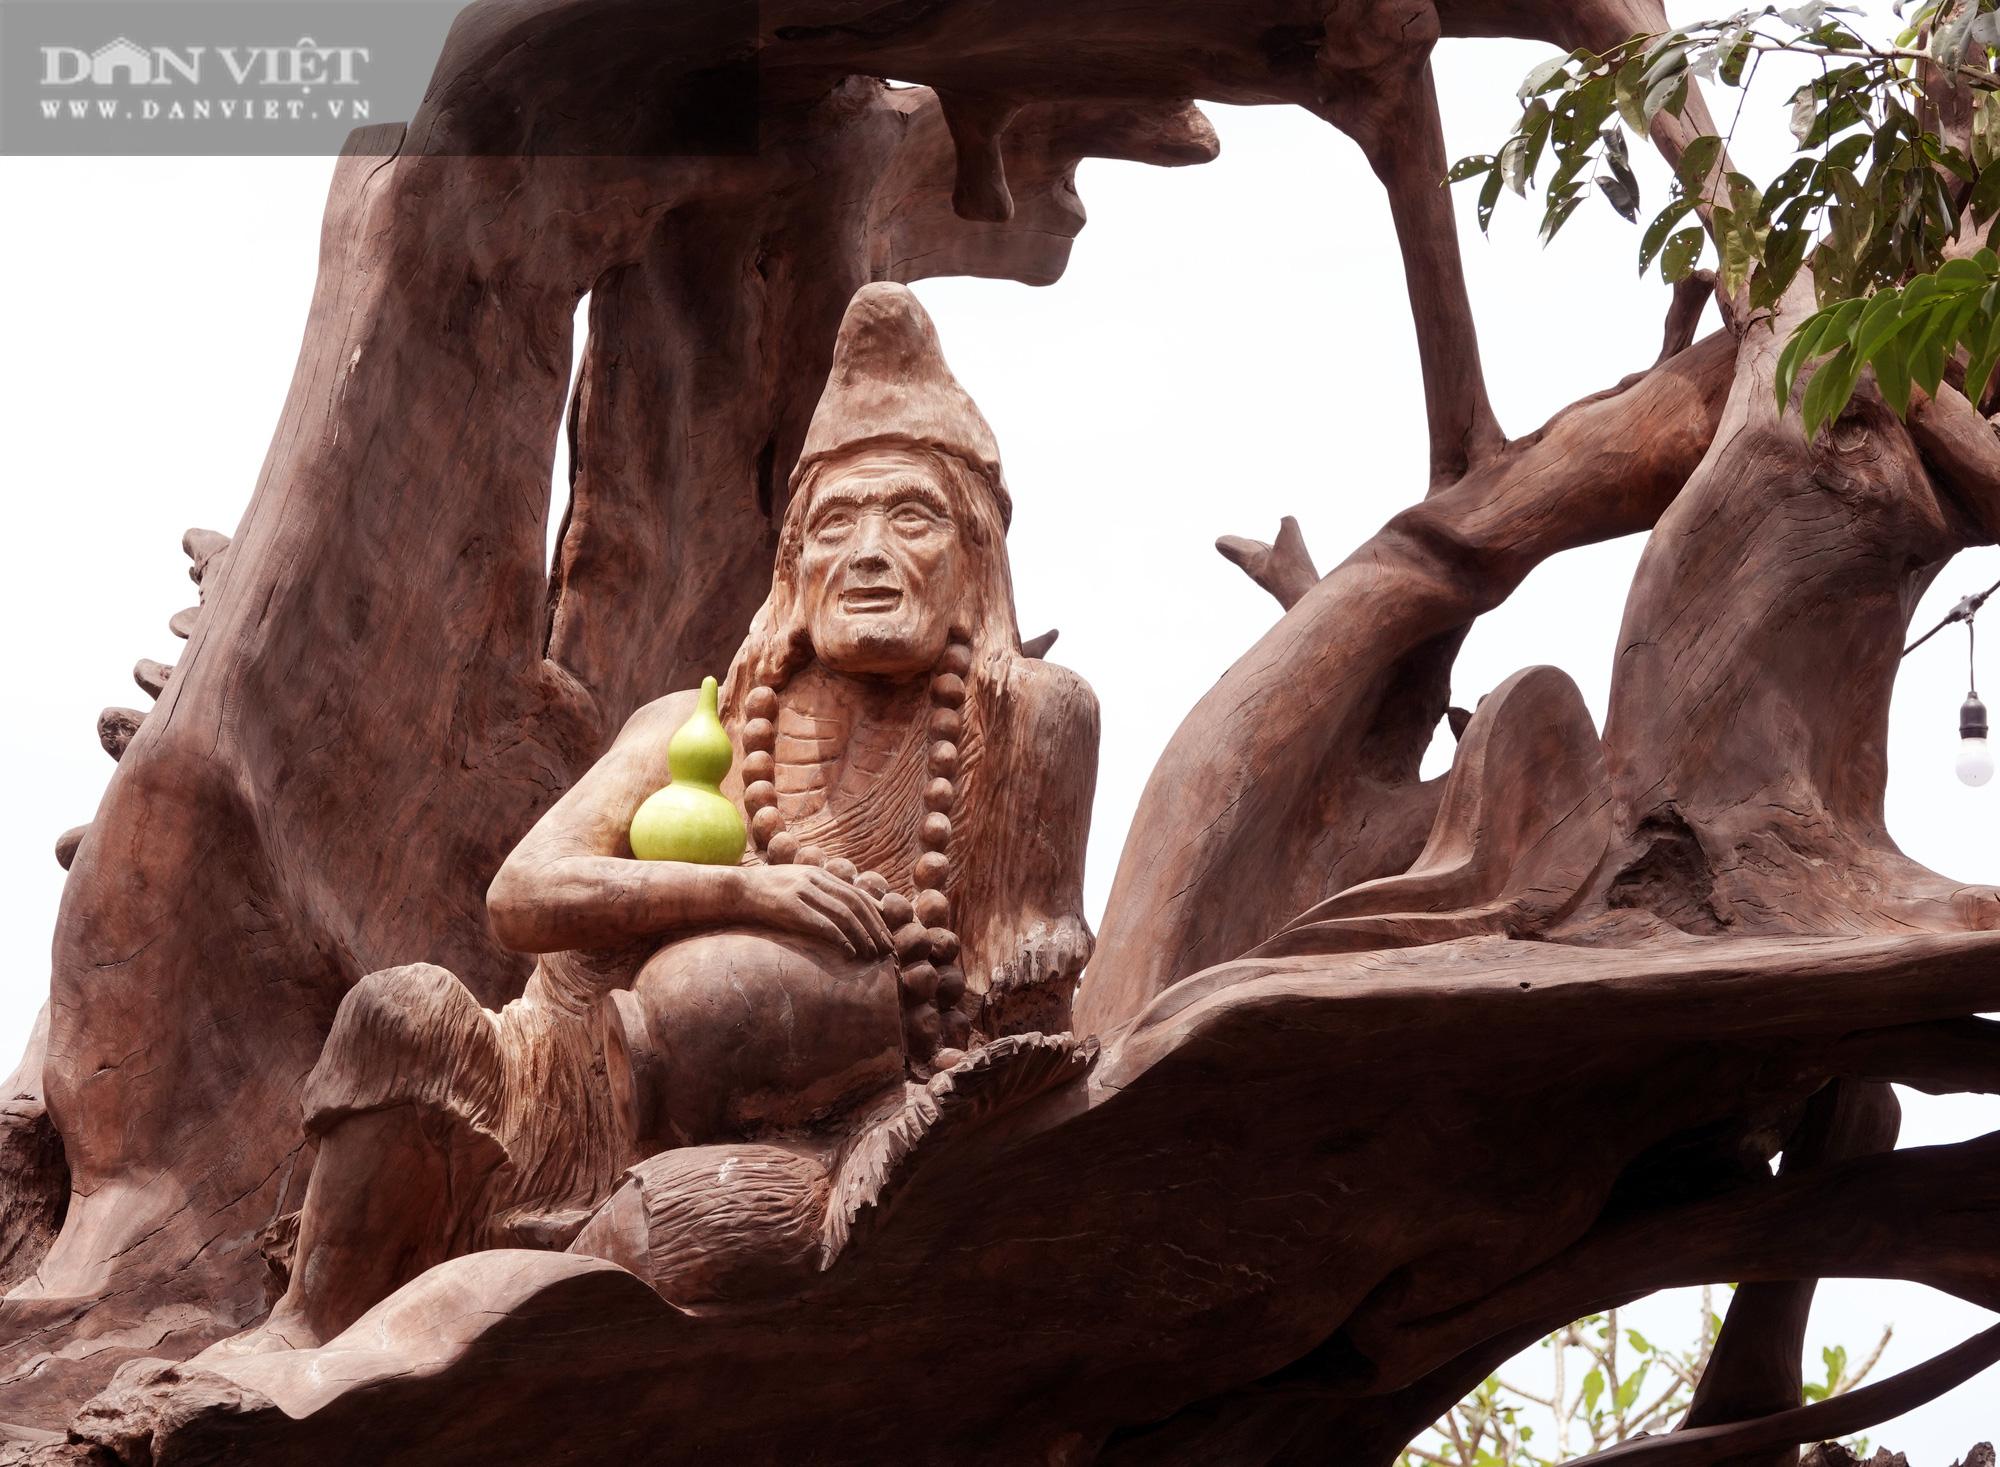 Bộ sưu tập tượng khủng làm từ những khúc gỗ quý hiếm bị chôn vùi dưới lòng sông hàng trăm năm  - Ảnh 8.